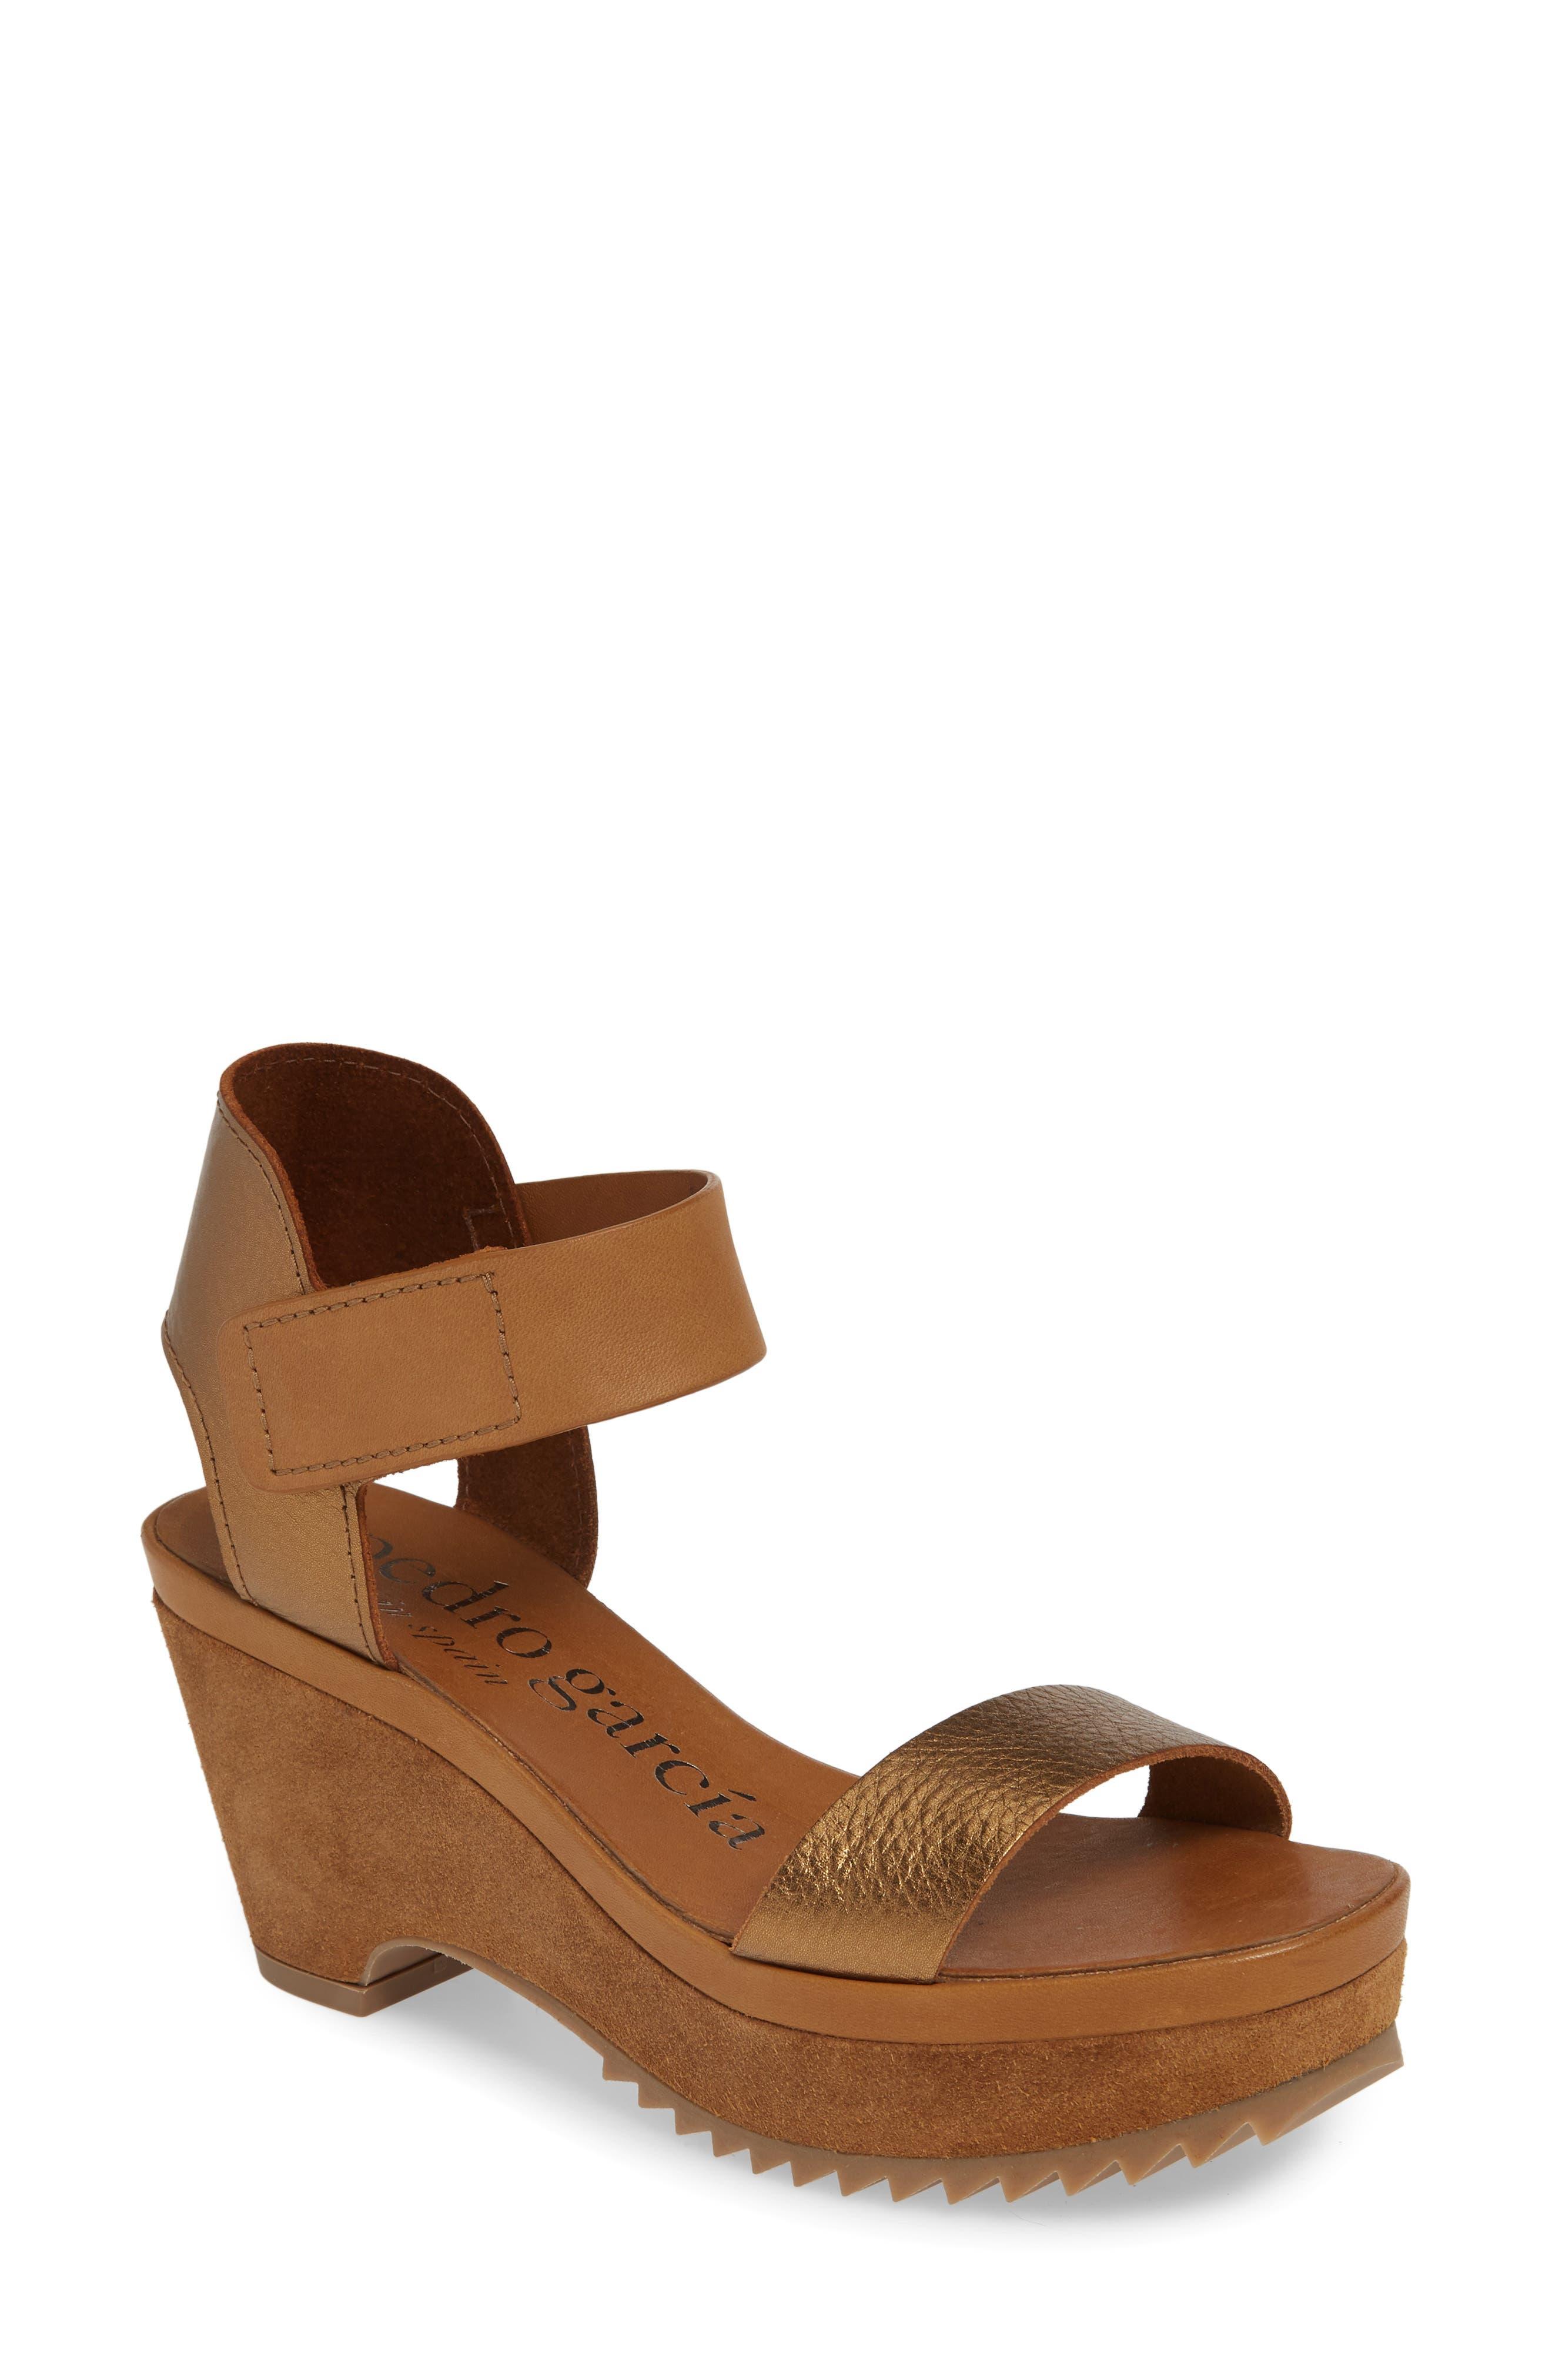 PEDRO GARCIA Franses Flatform Sandal, Main, color, TOBACCO CERVO LAME